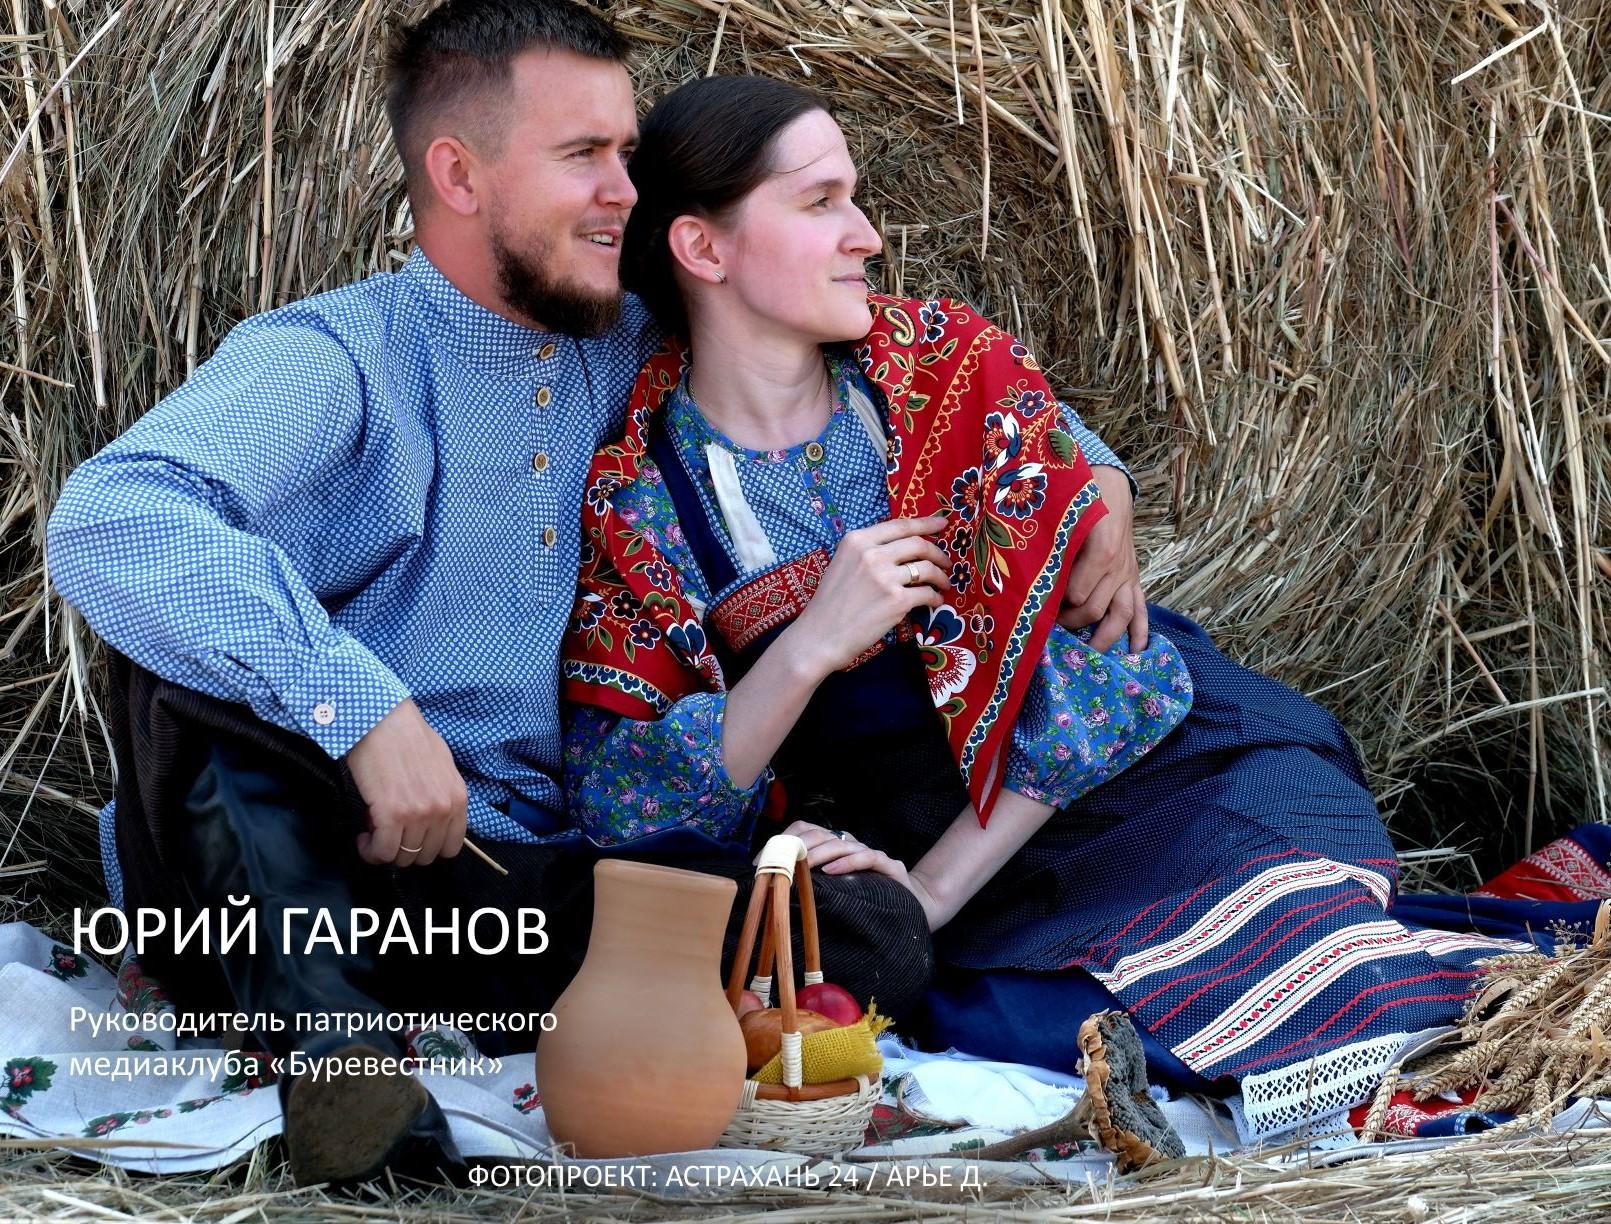 Мы родом из Астрахани. Юрий